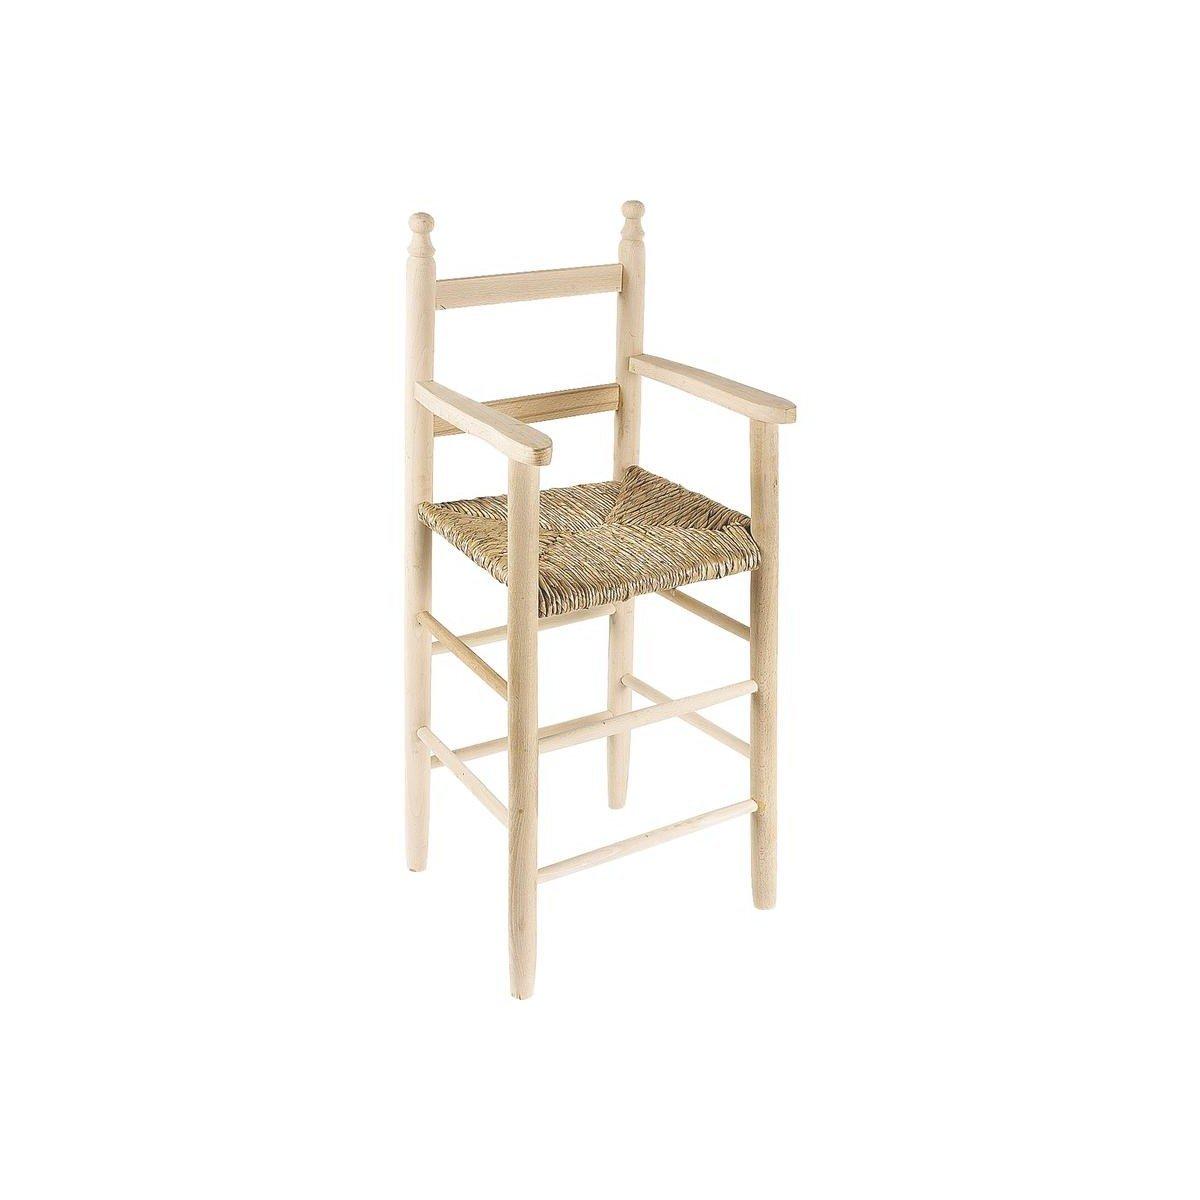 Silla alta para niños en madera de haya